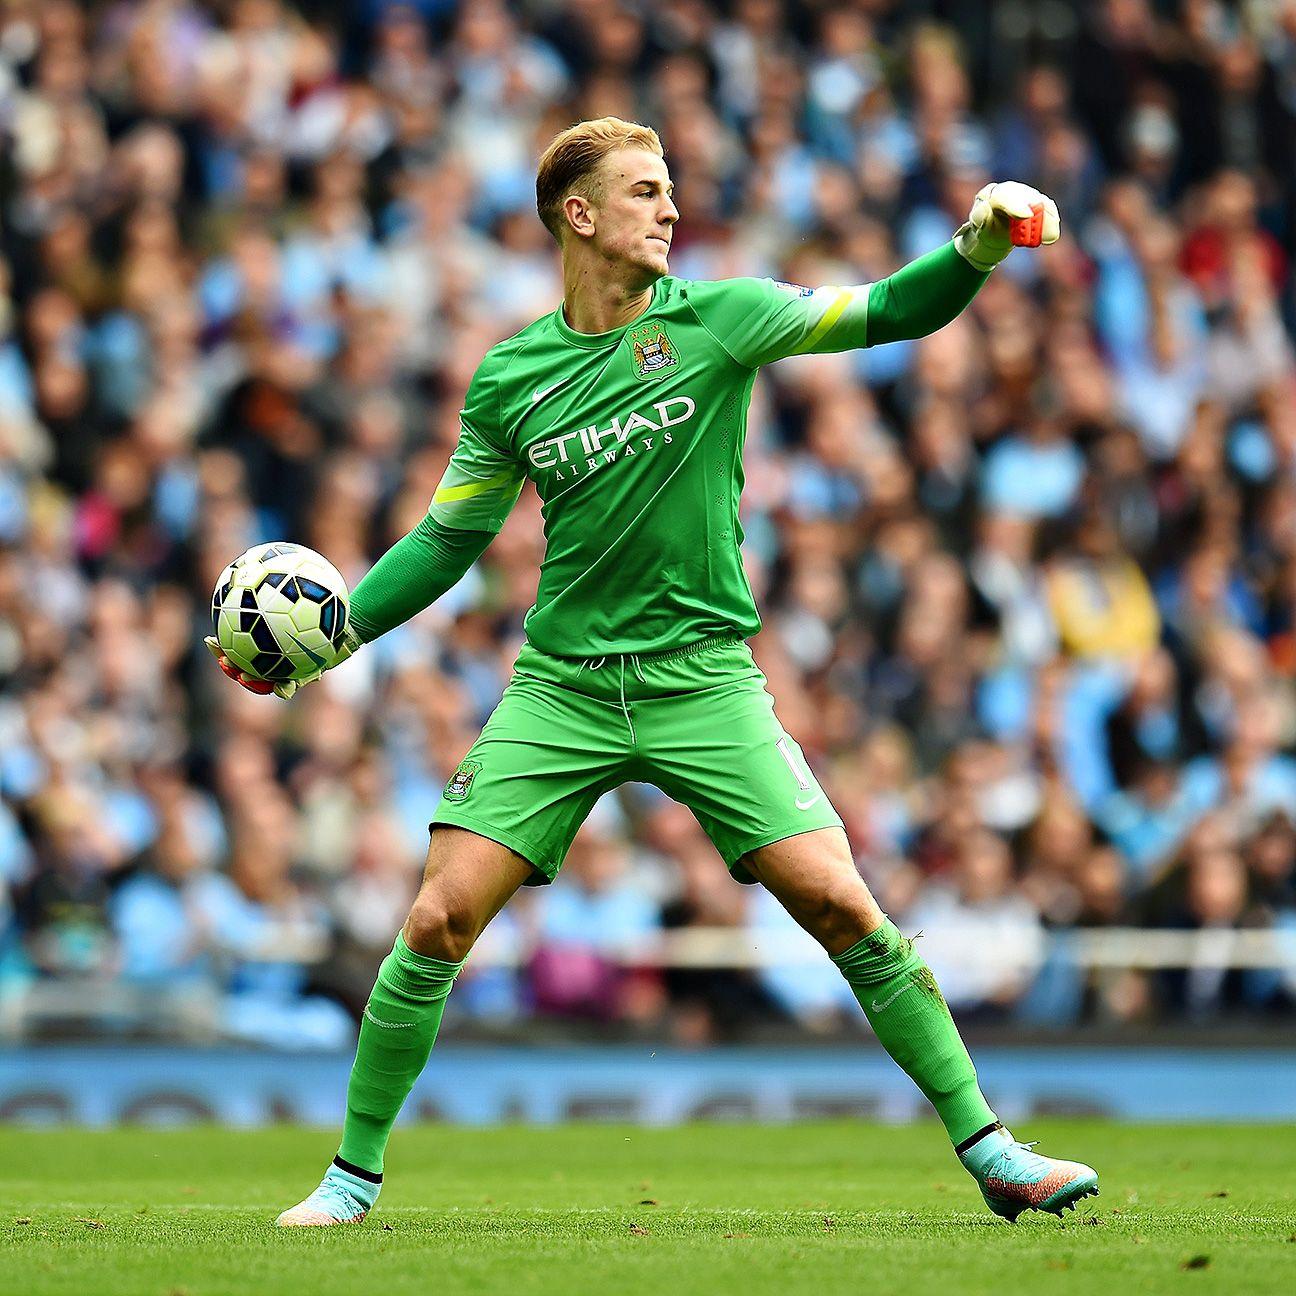 Joe Hart has registered seven Premier League clean sheets thus far for Manchester City.